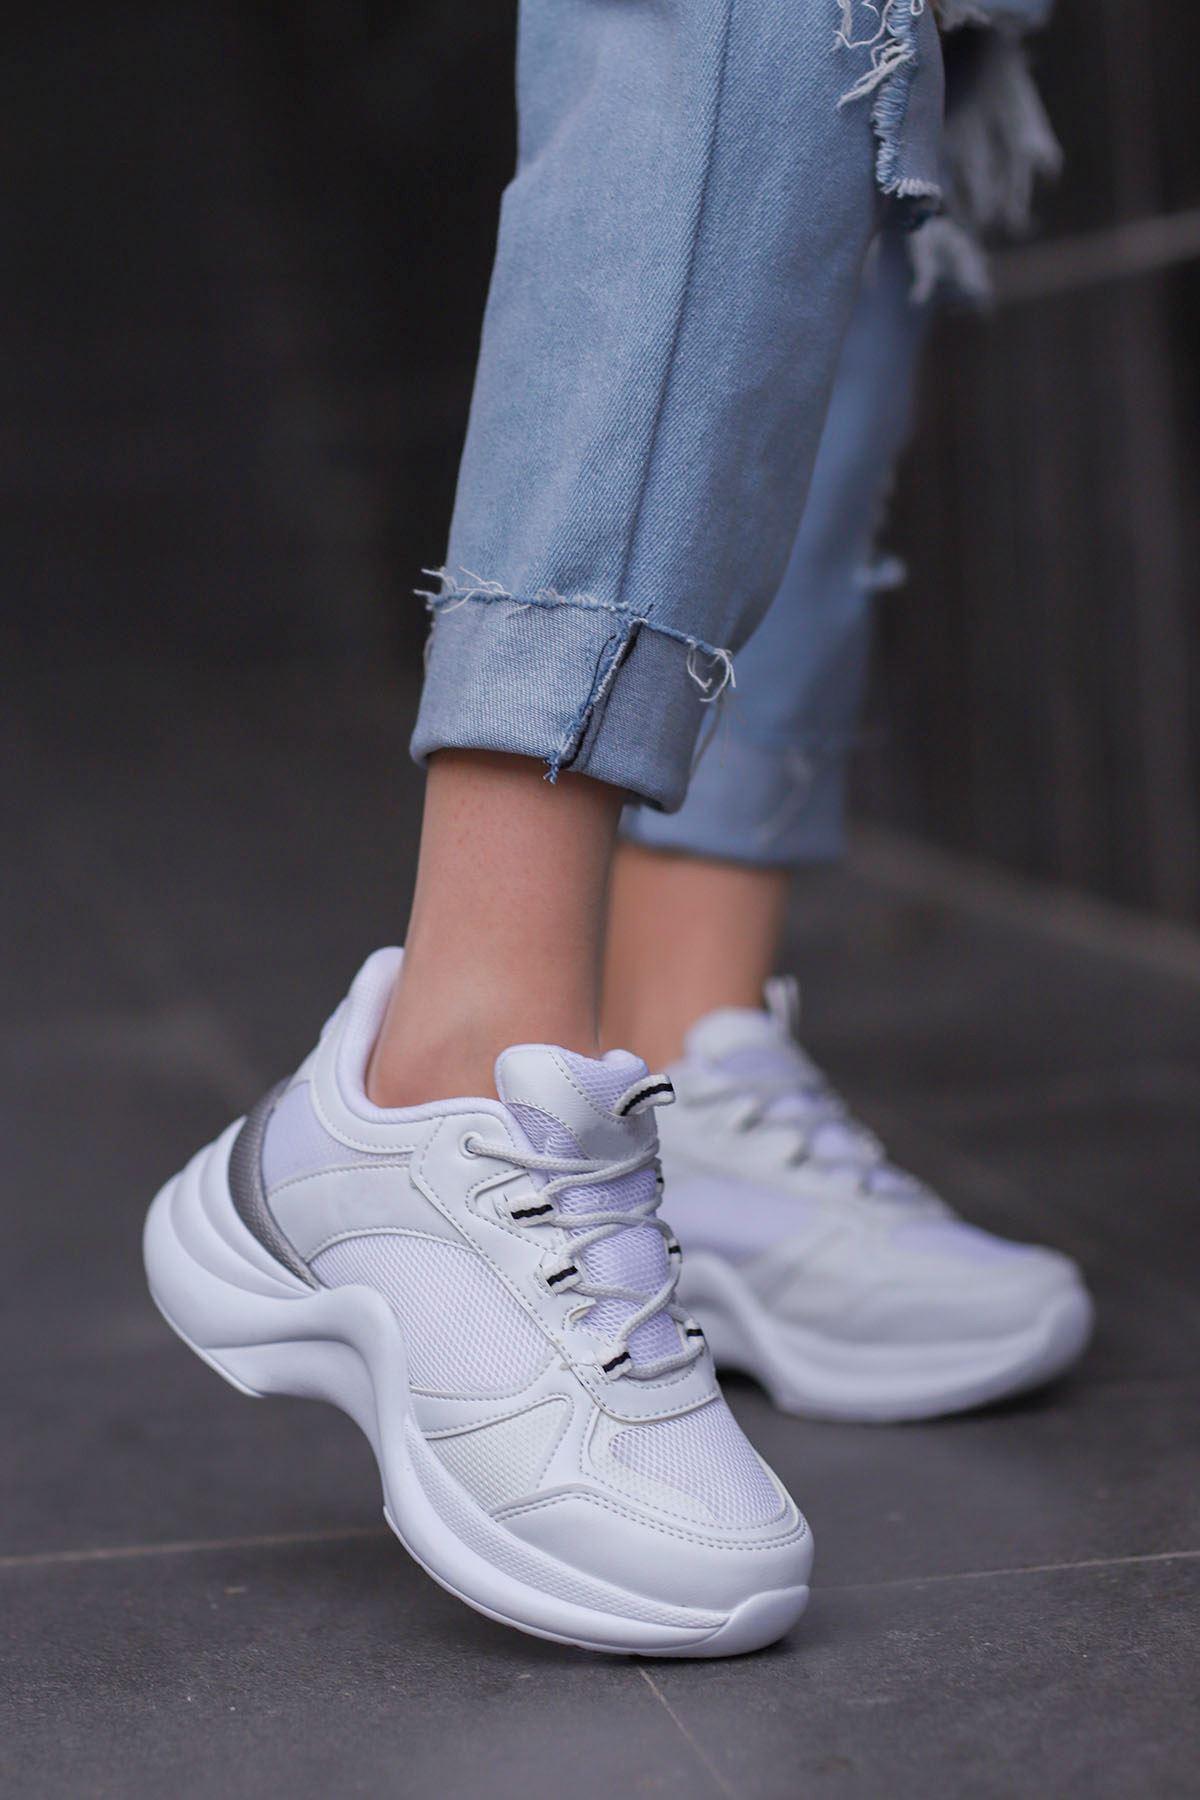 Tny-01 Tabanlı Spor Ayakkabı Beyaz